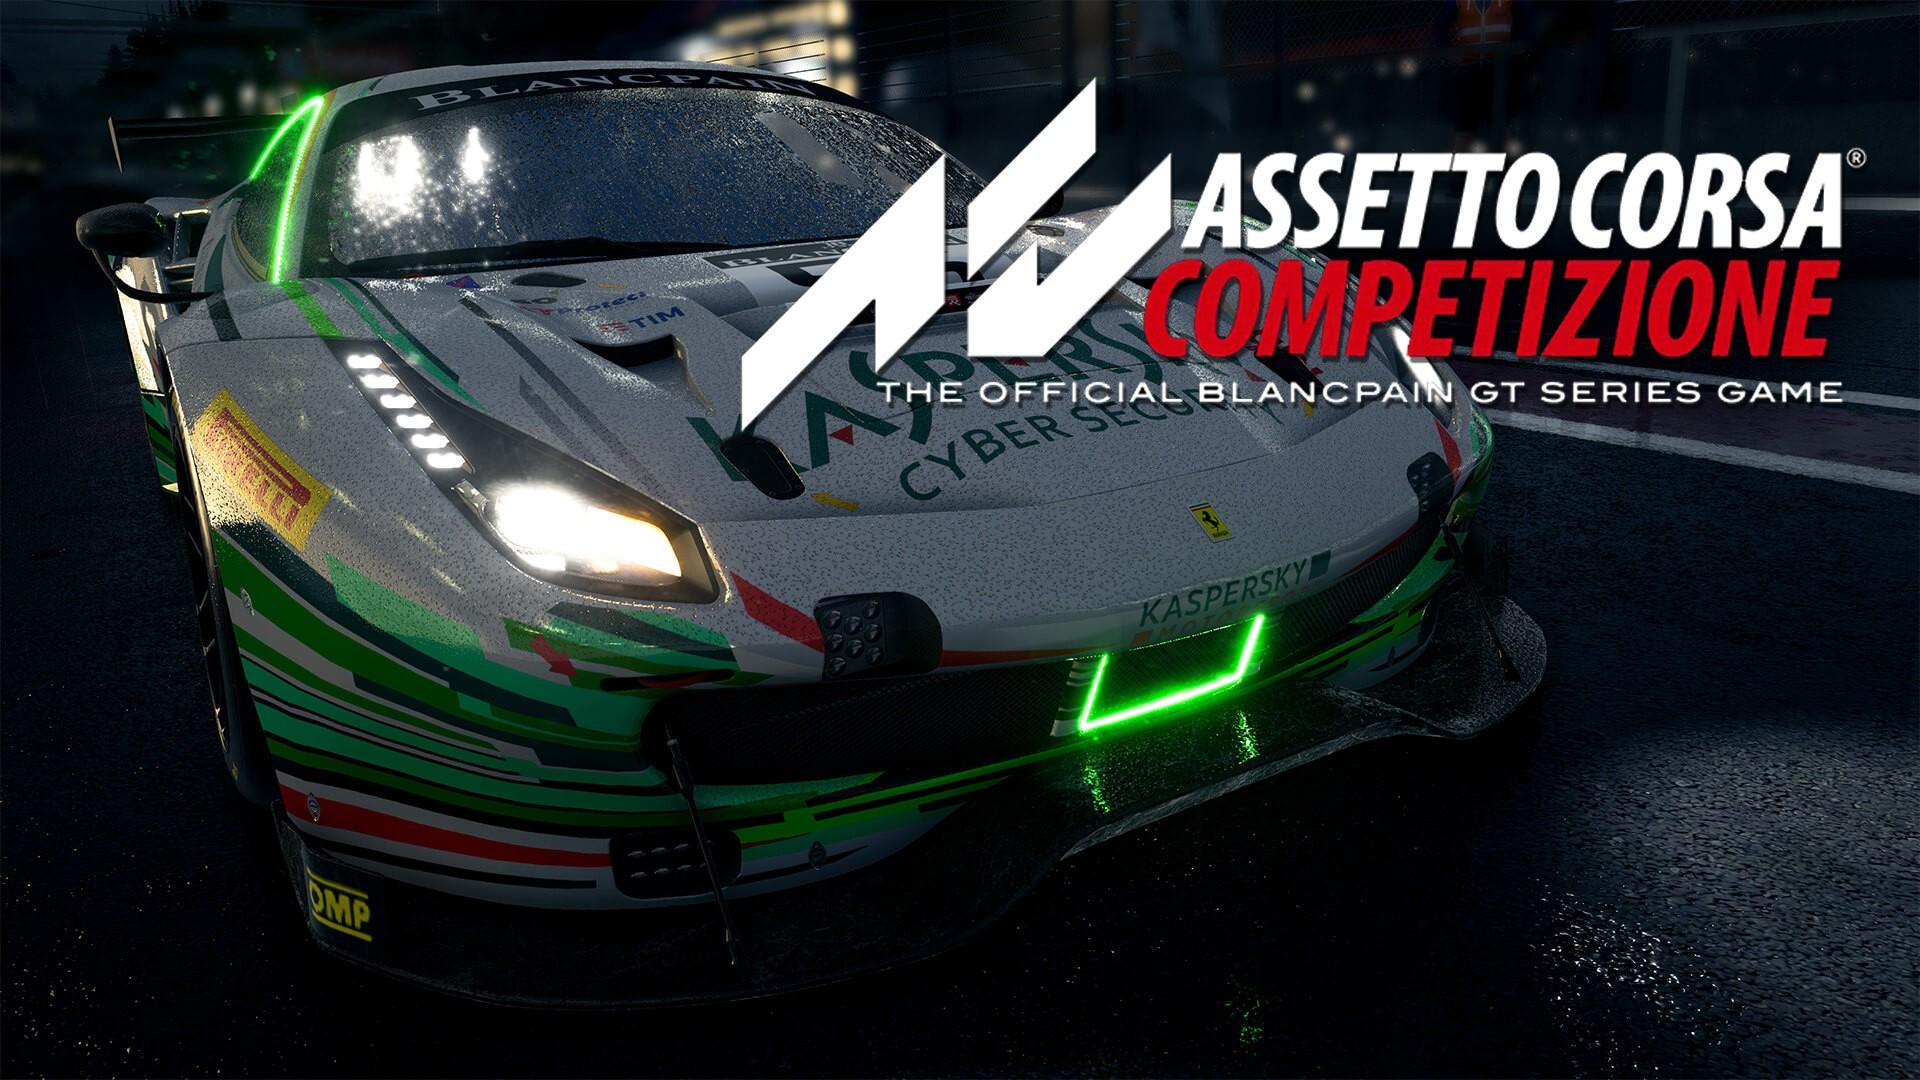 Assetto corsa competizione Ferrari GT